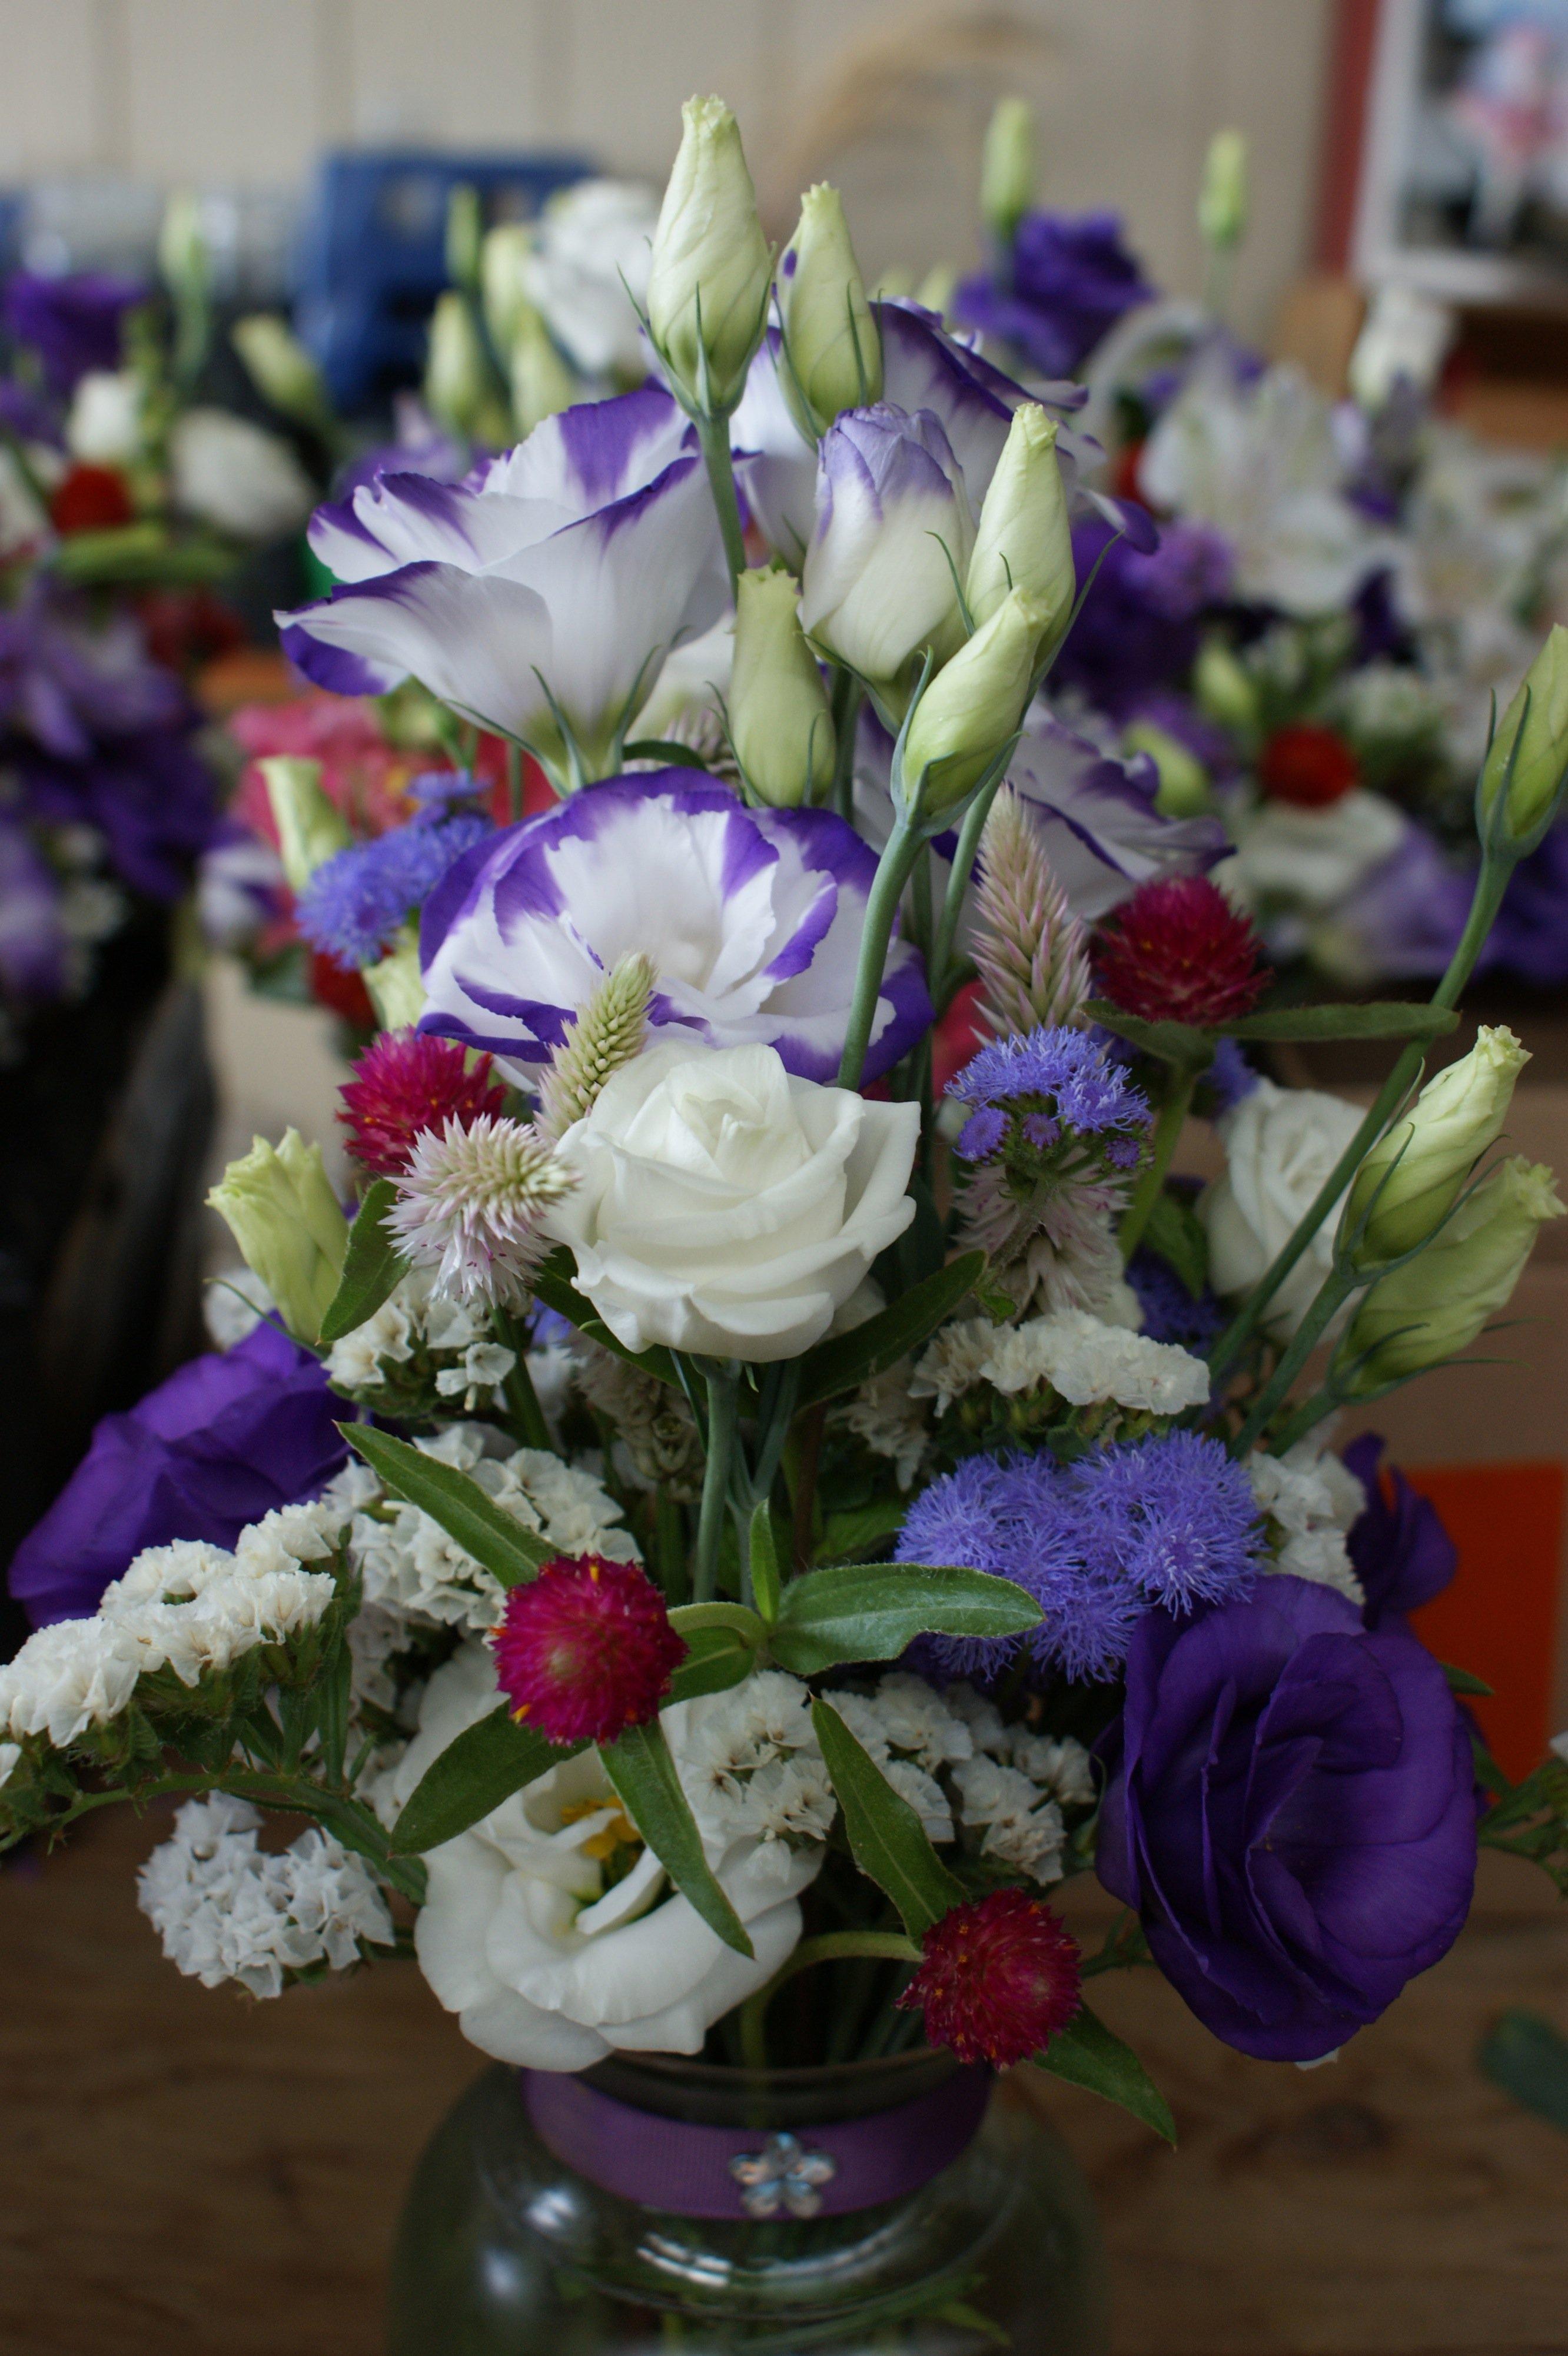 A little purple wedding